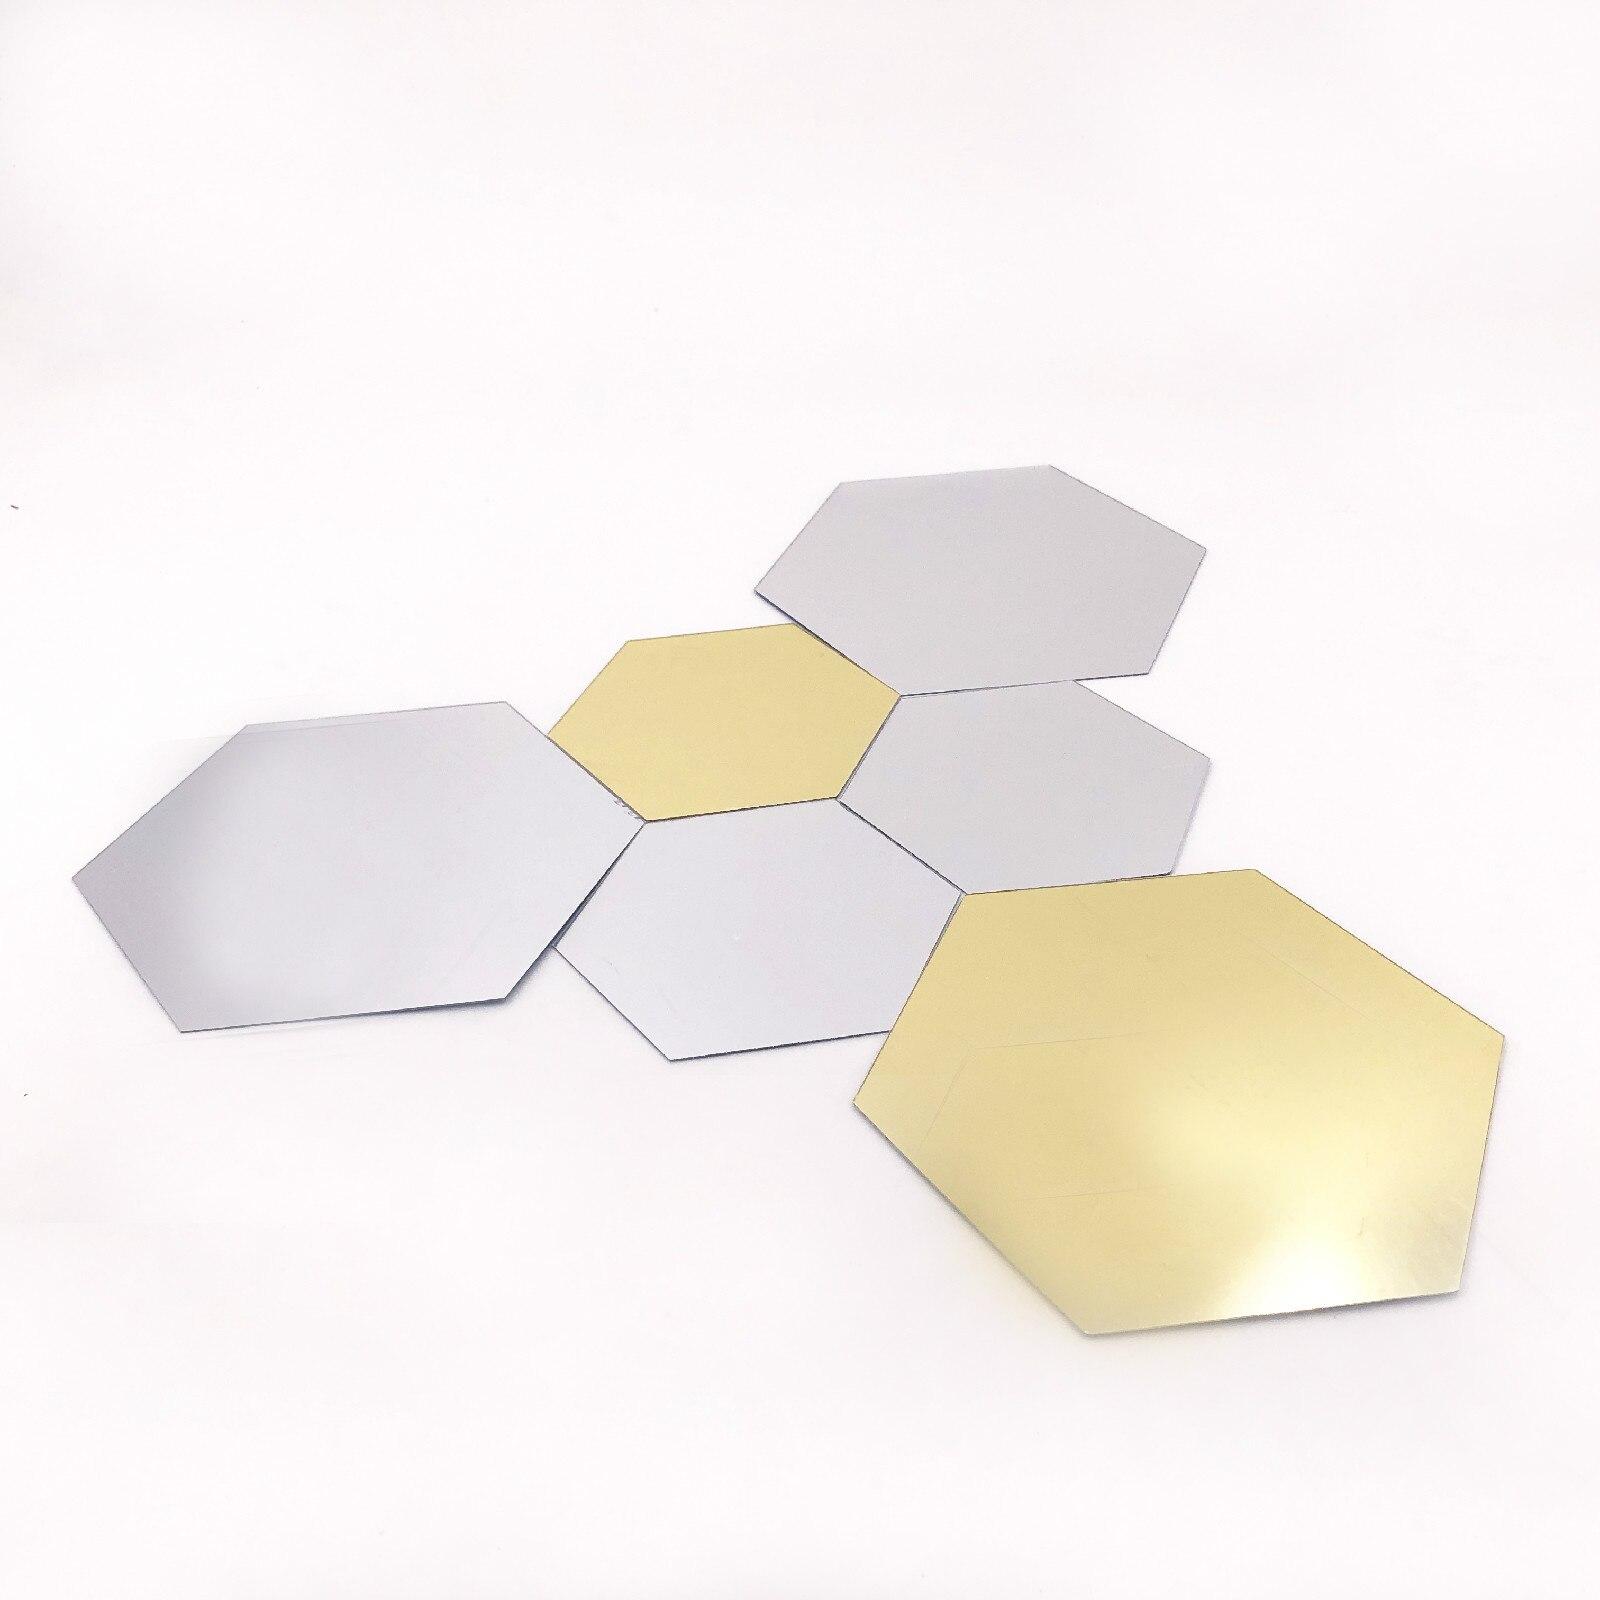 12 pçs 3d espelhos decorativos hexágono vinil removível adesivo de parede decalque decoração para casa arte diy venda quente civil ornamental